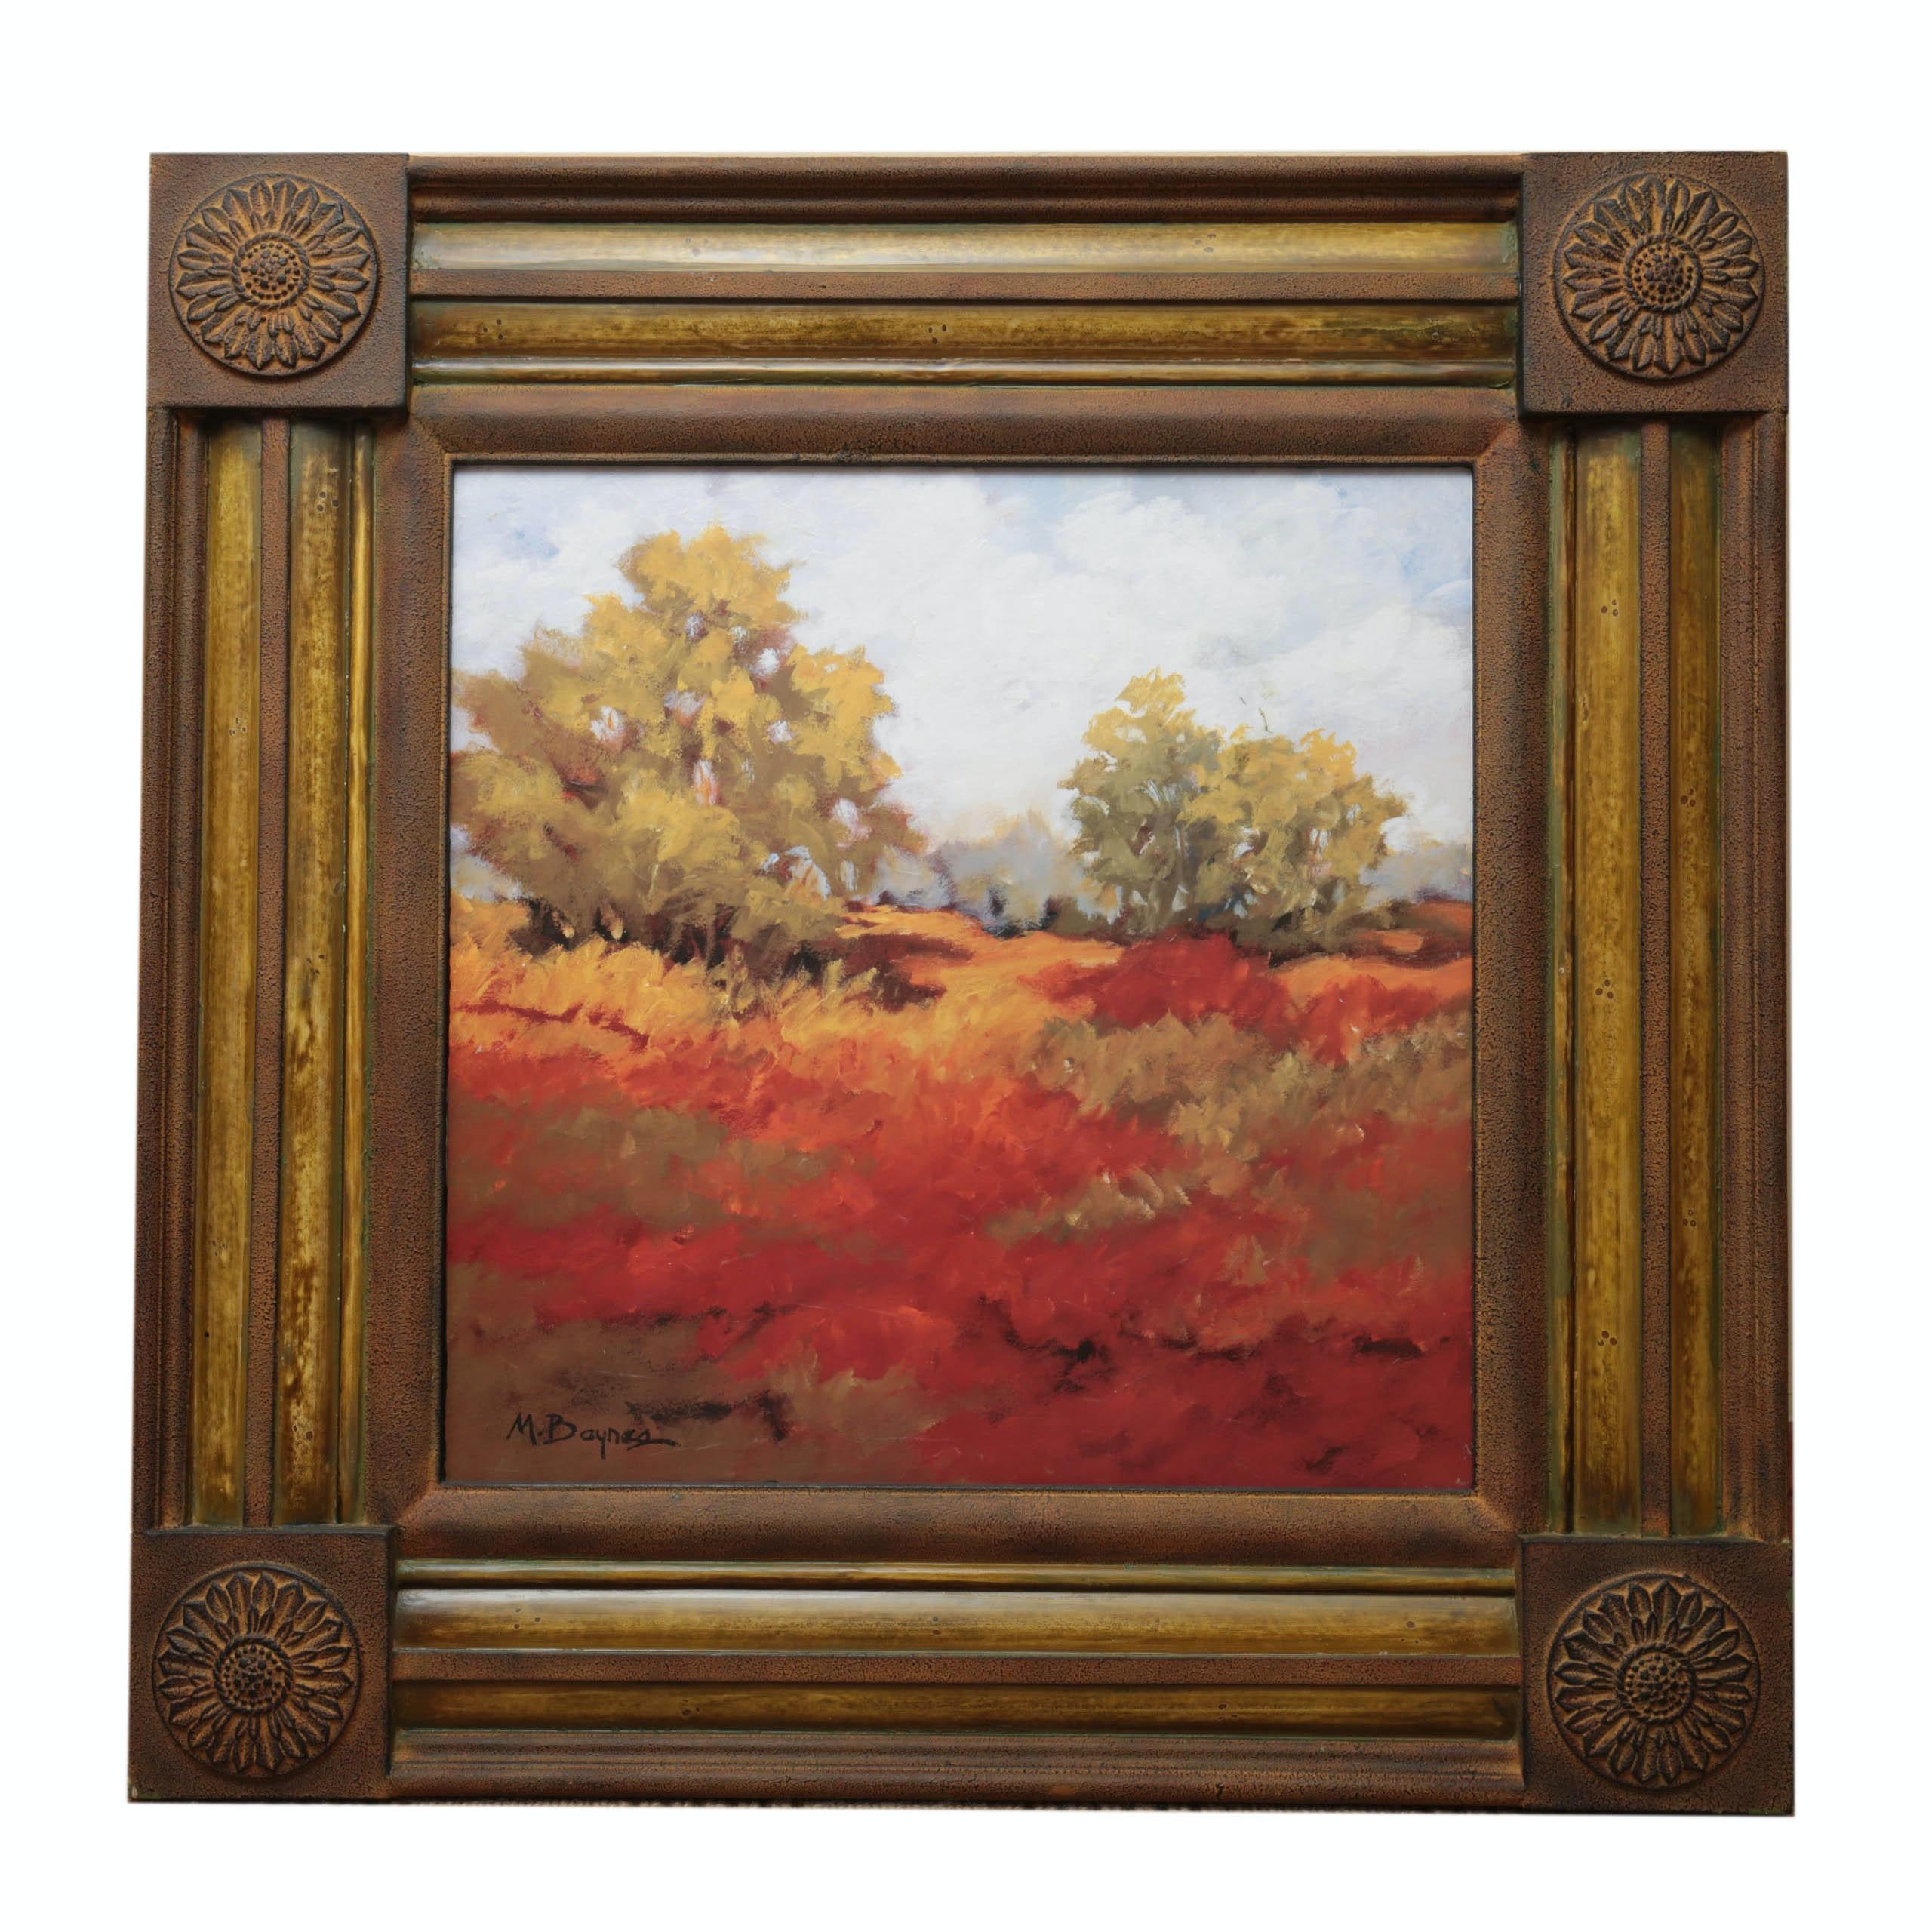 M. Baynes Original Framed Landscape Oil Painting